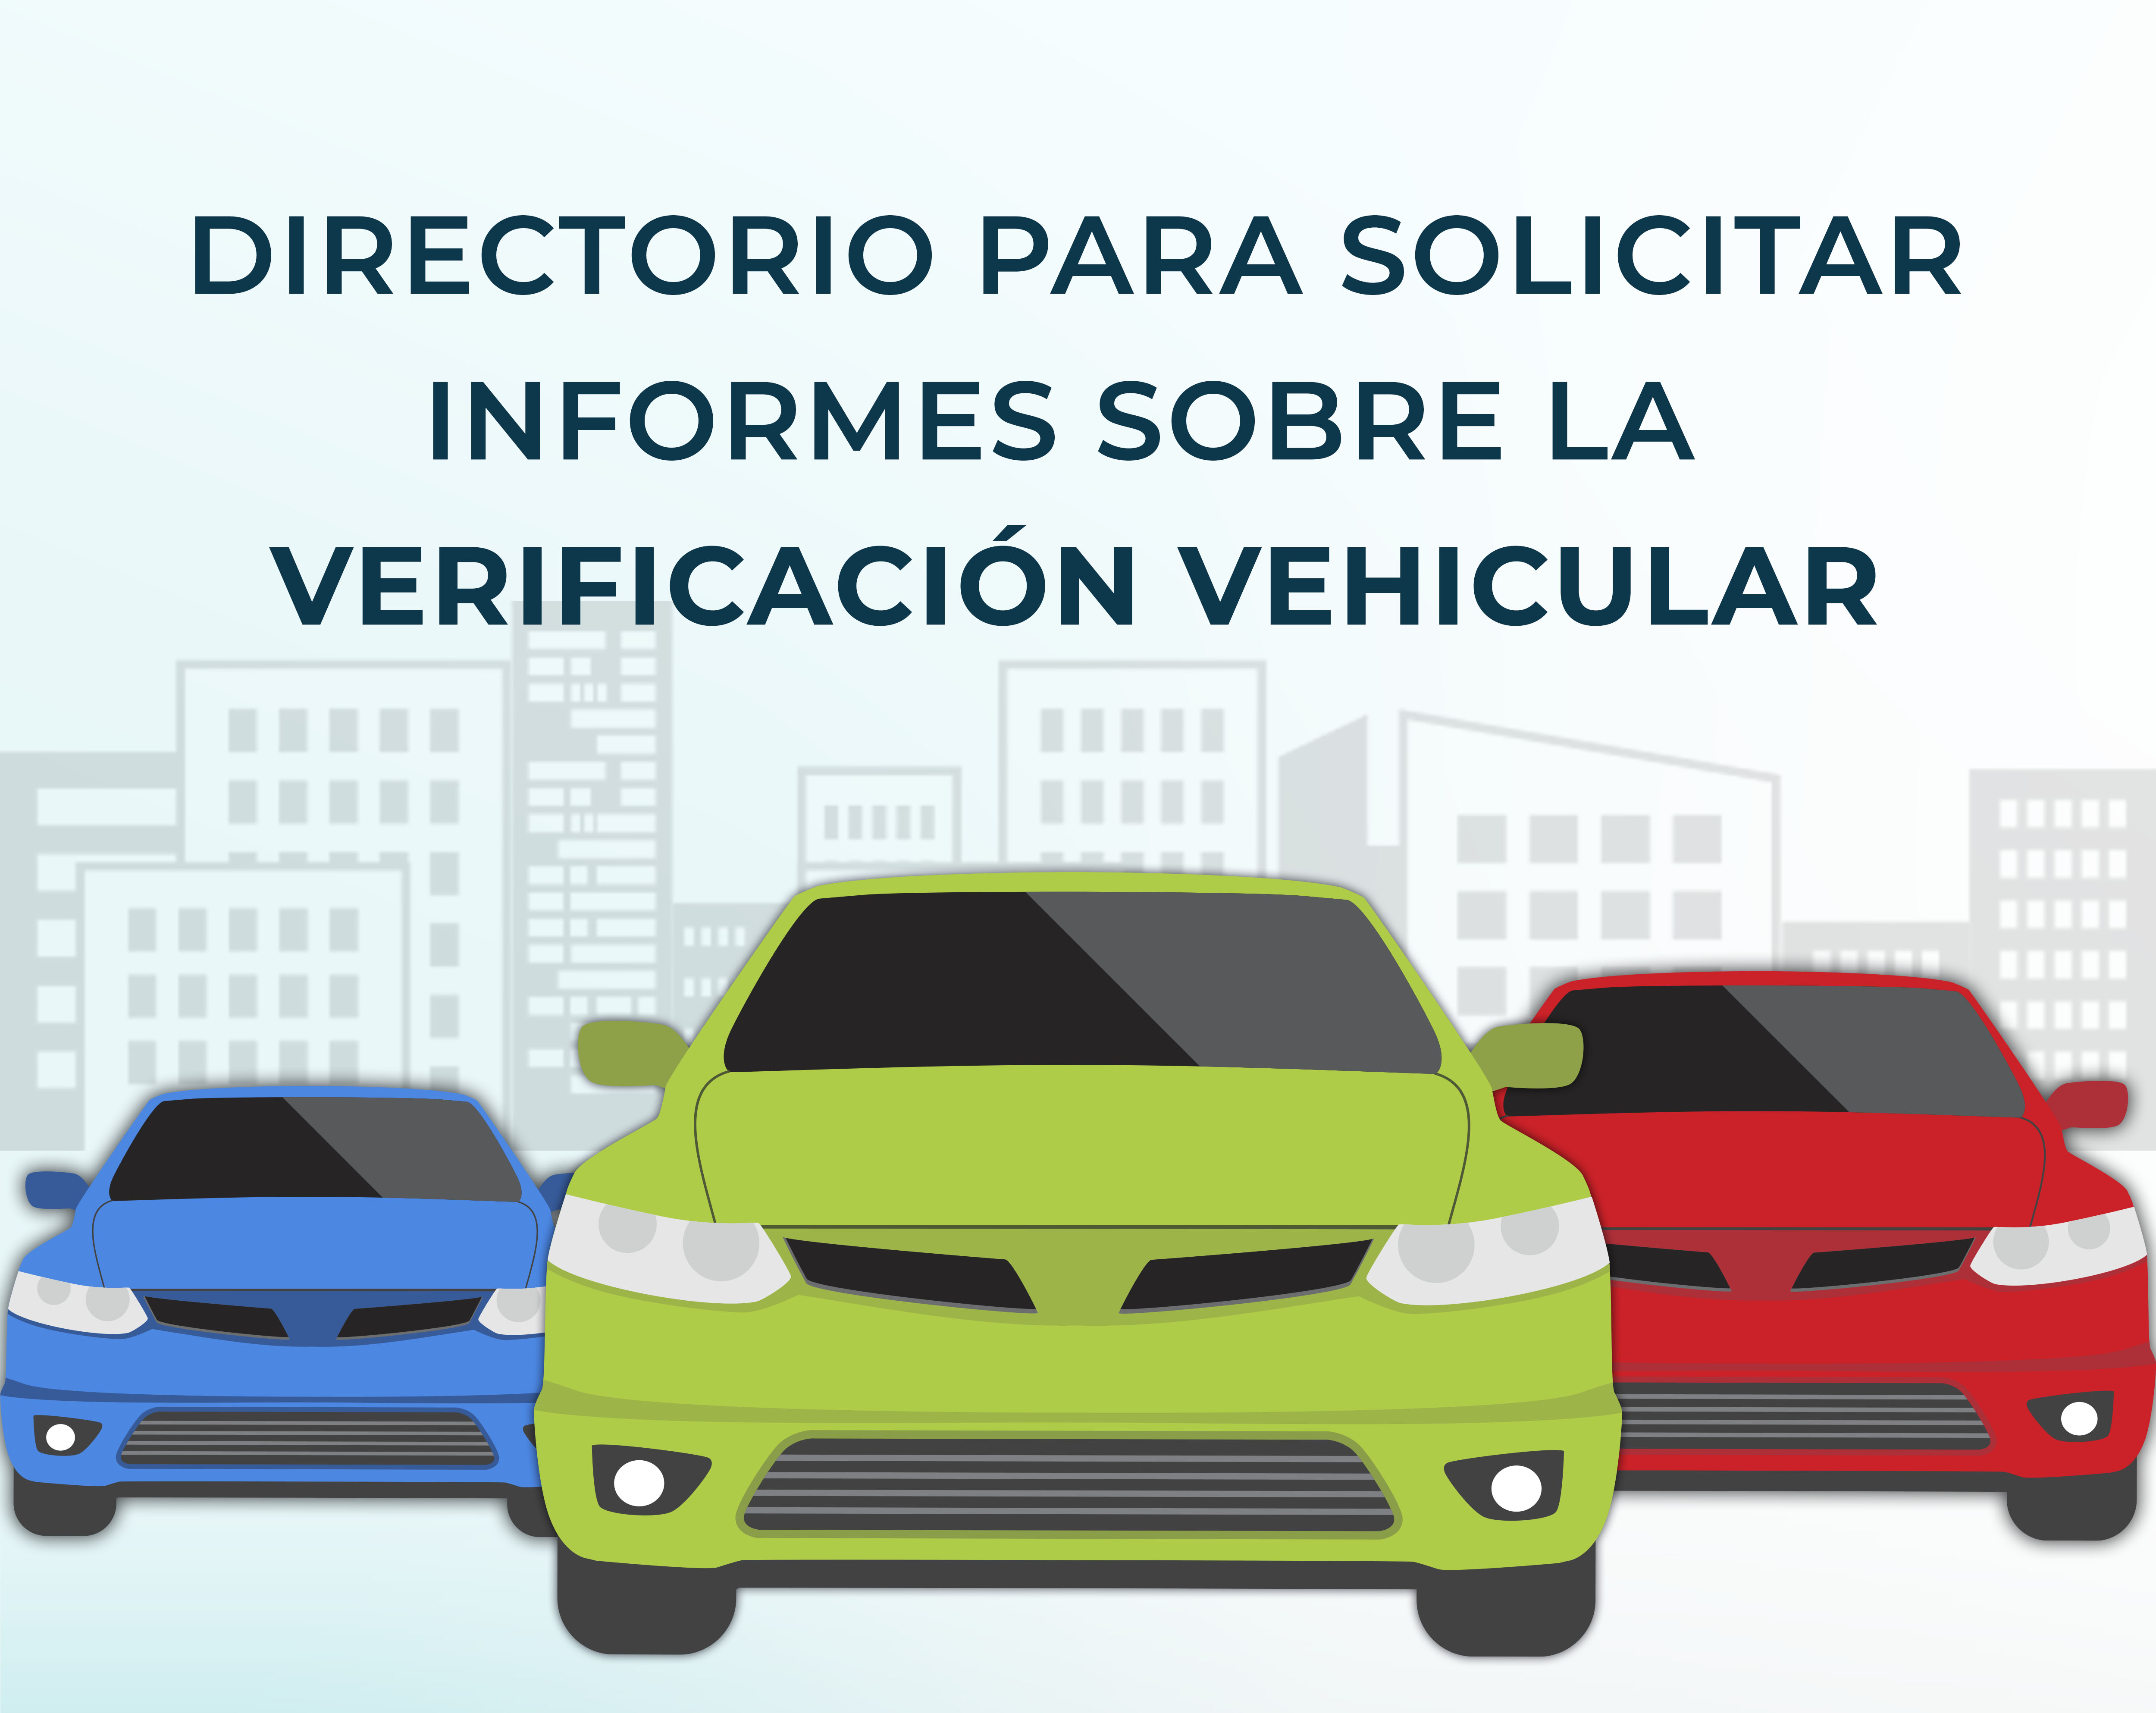 Tabla de contactos para solicitar informes sobre la aplicación de los Programas de Verificación Vehicular Obligatoria